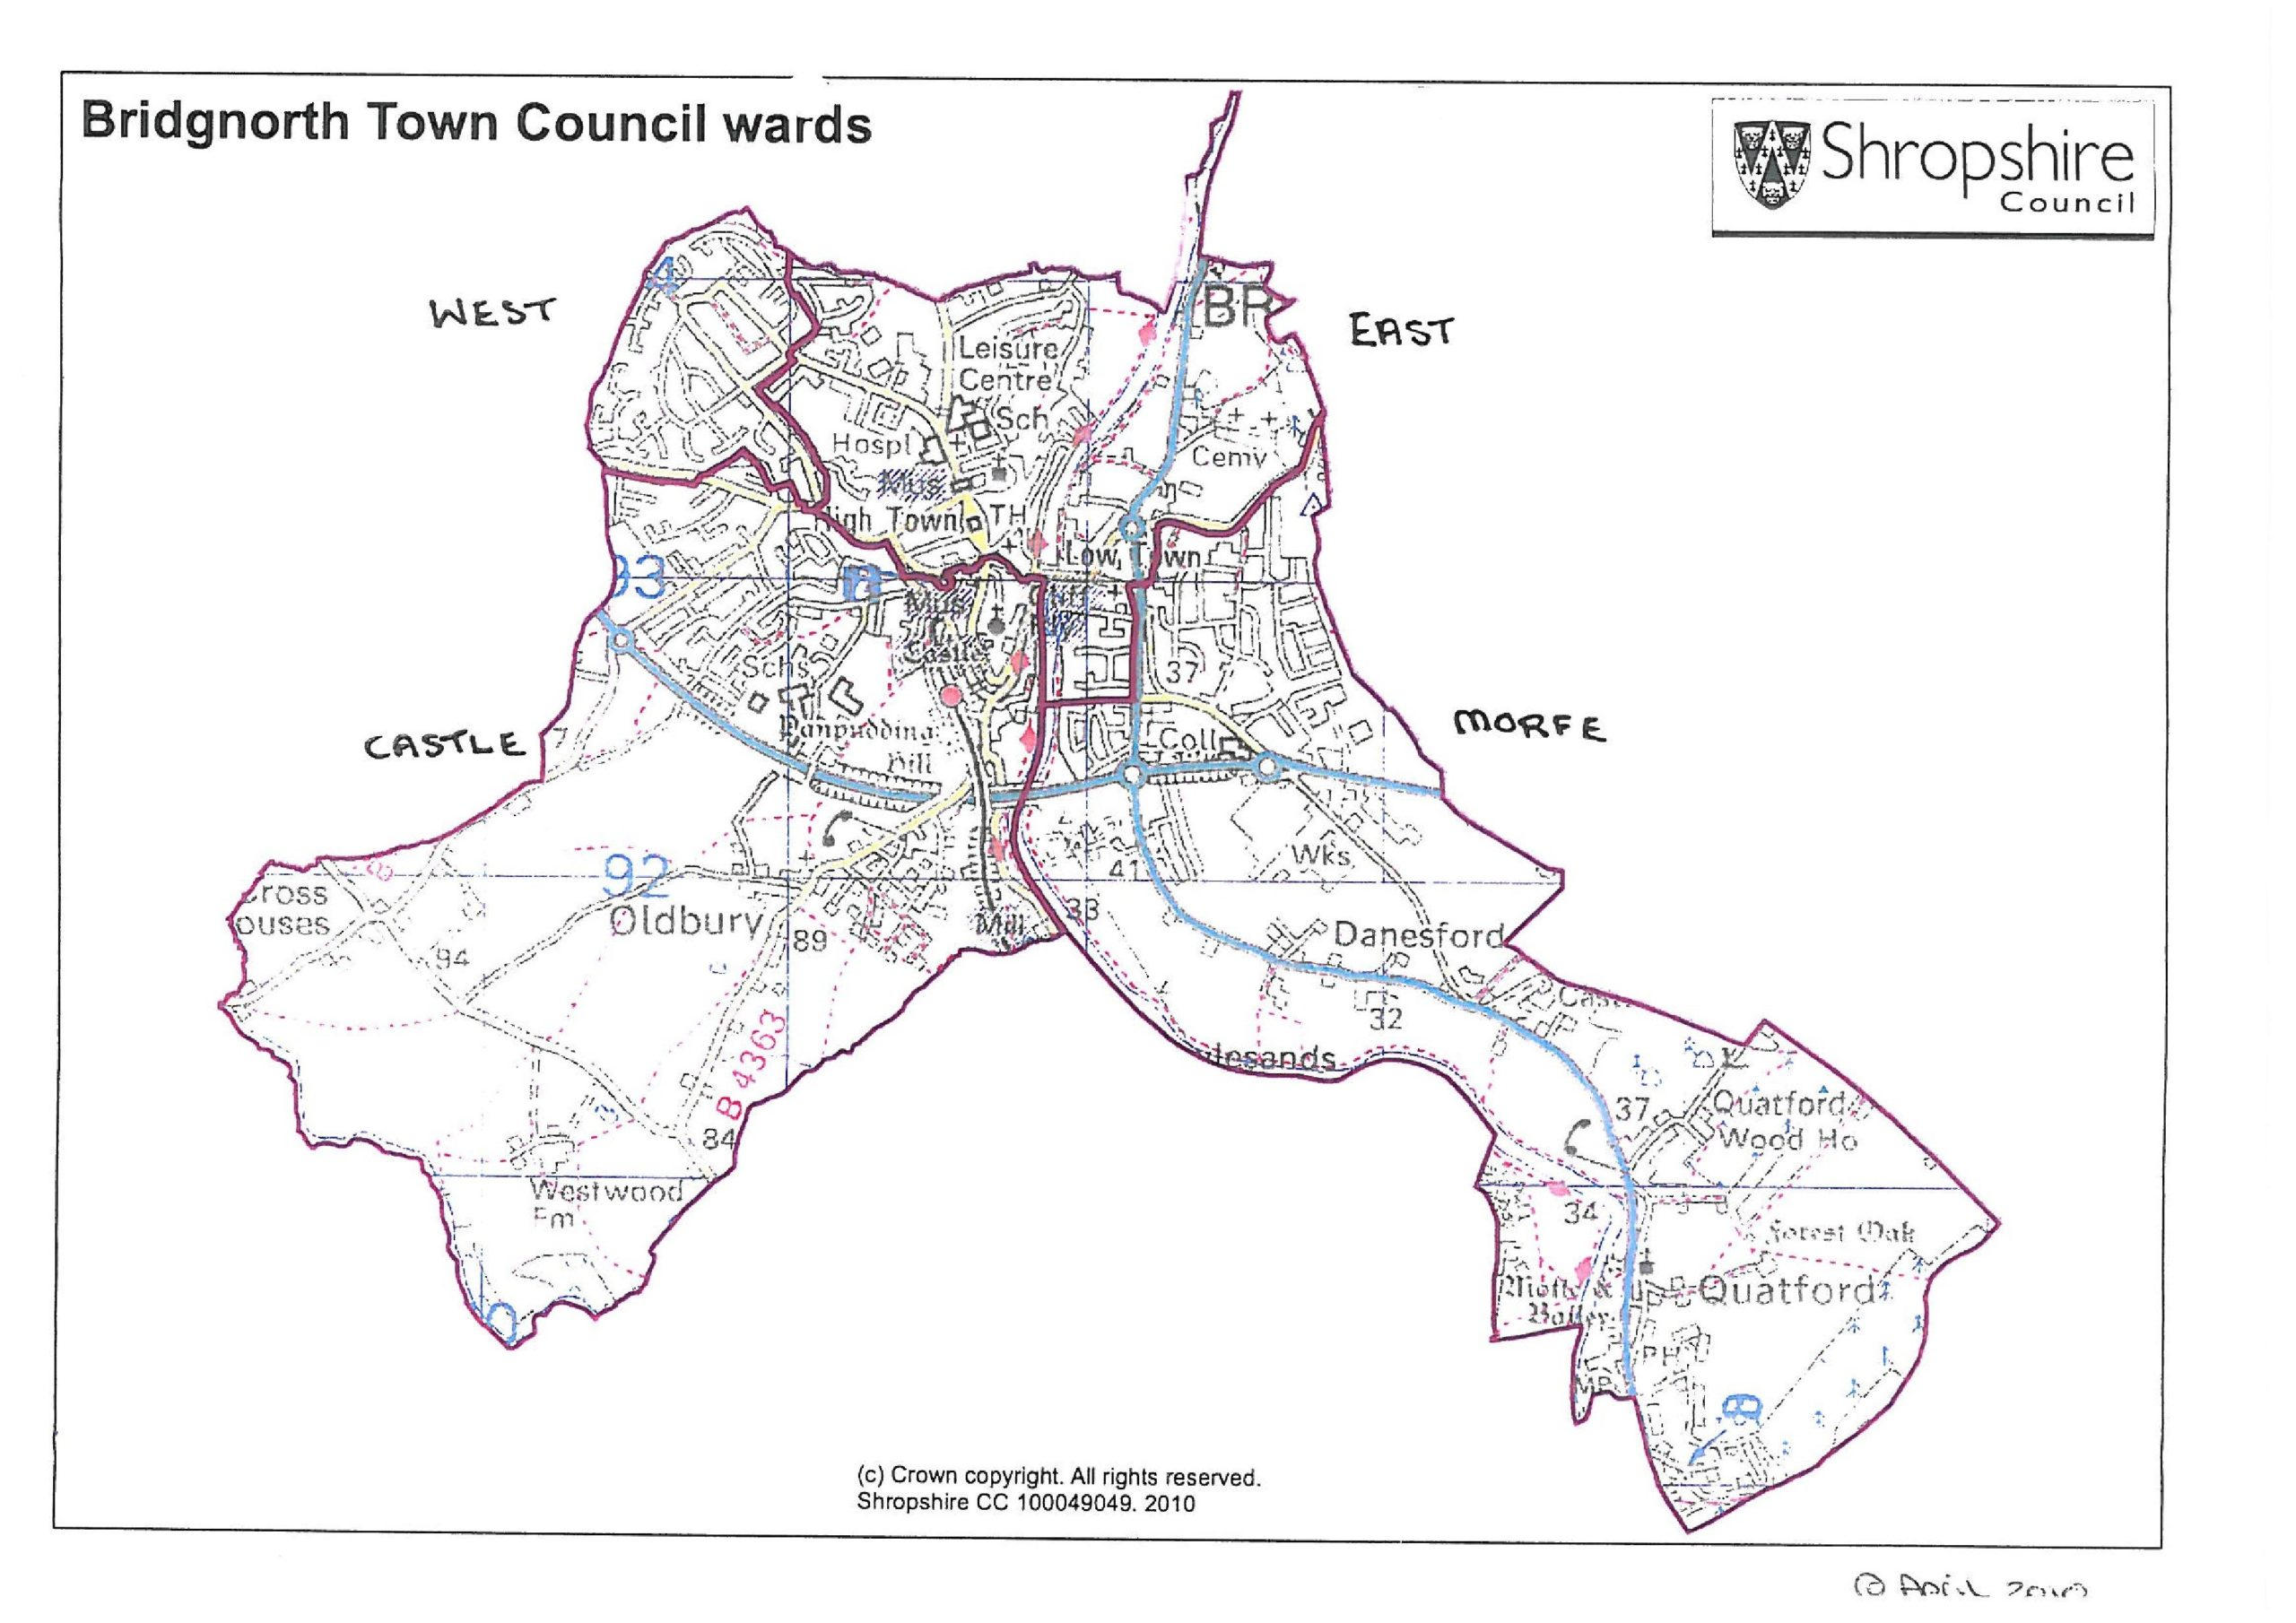 Btc Ward Map 1